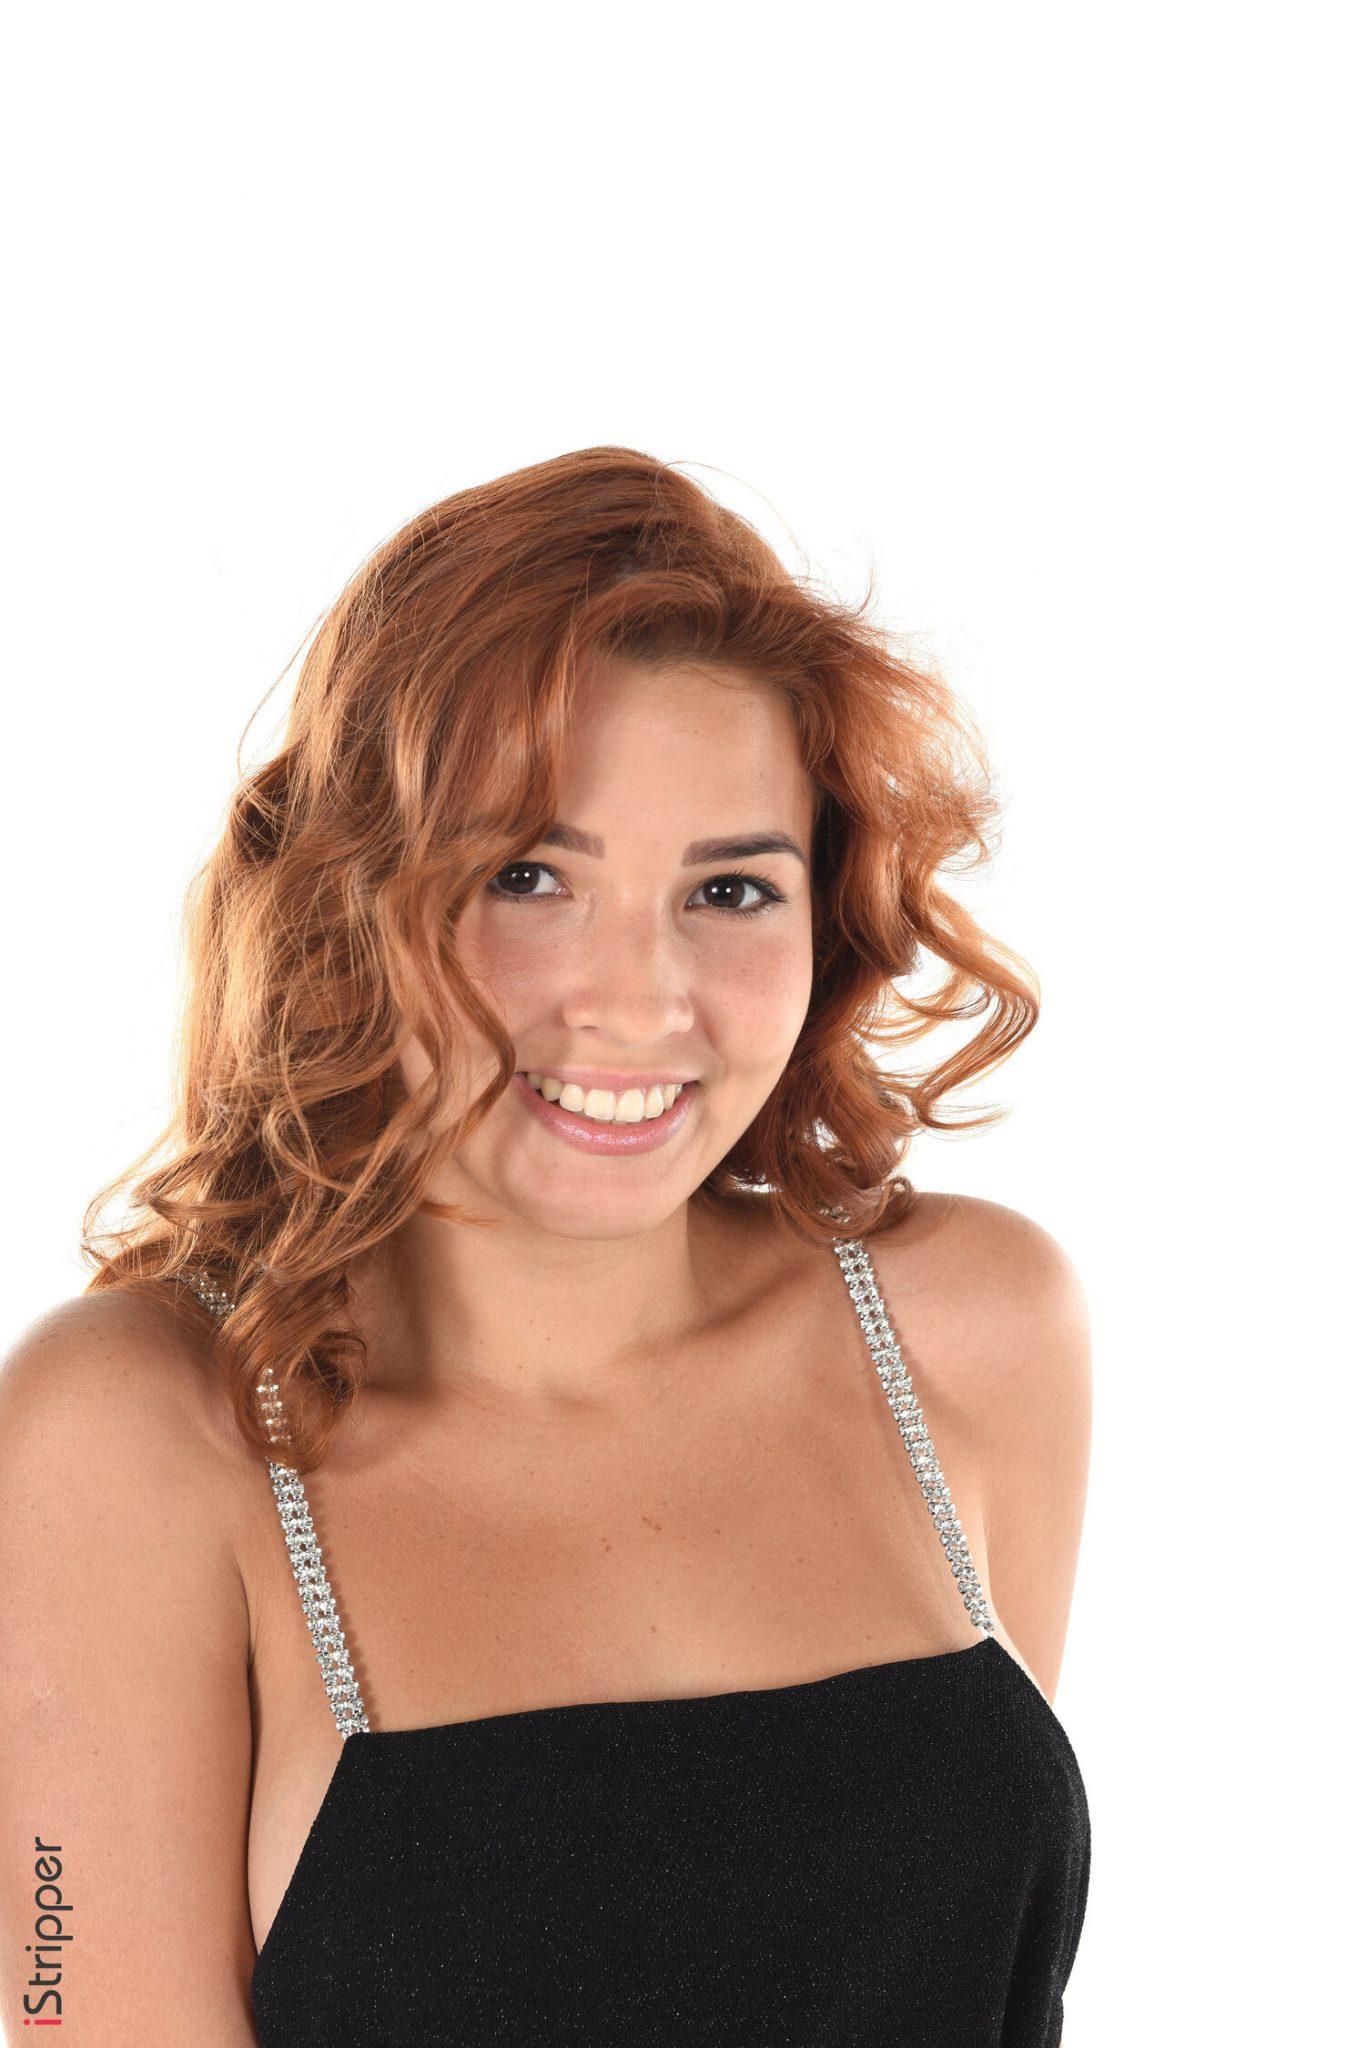 Fantastic Redhead Sexy Girl Stripping Pics Watch Agatha Vega 2